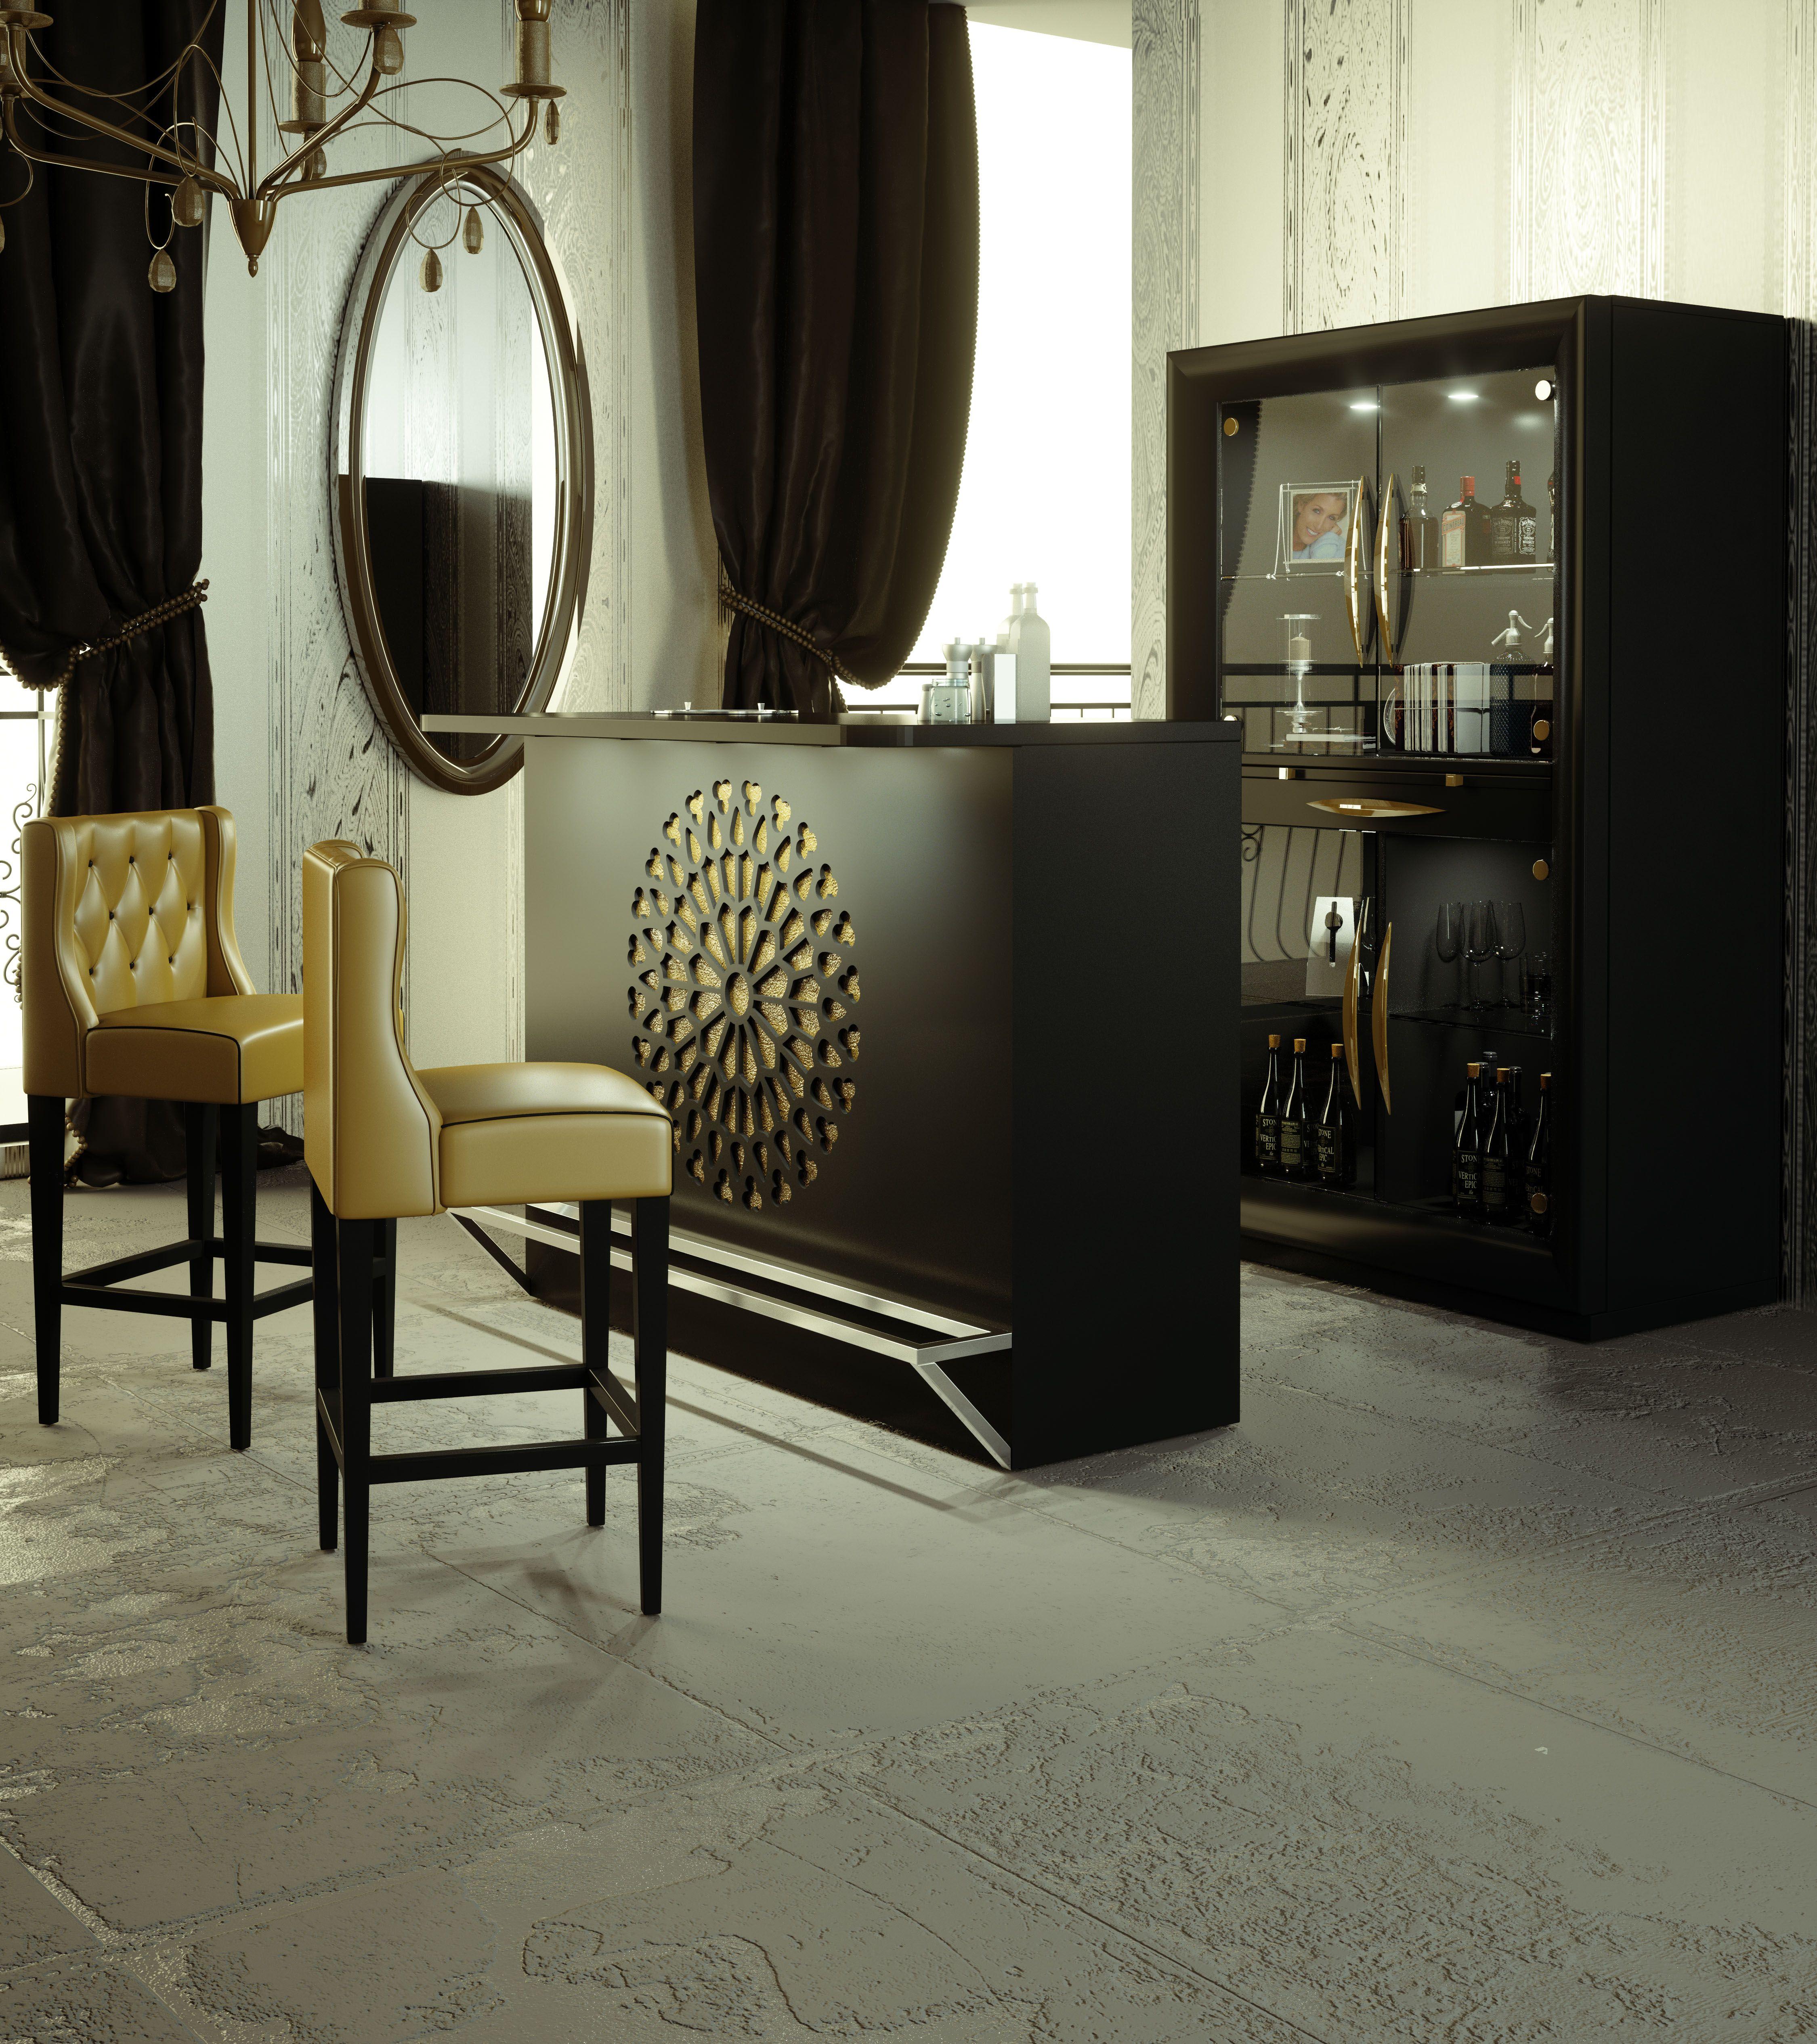 Barras de bar casa wine - Barras de bar para salon de casa ...